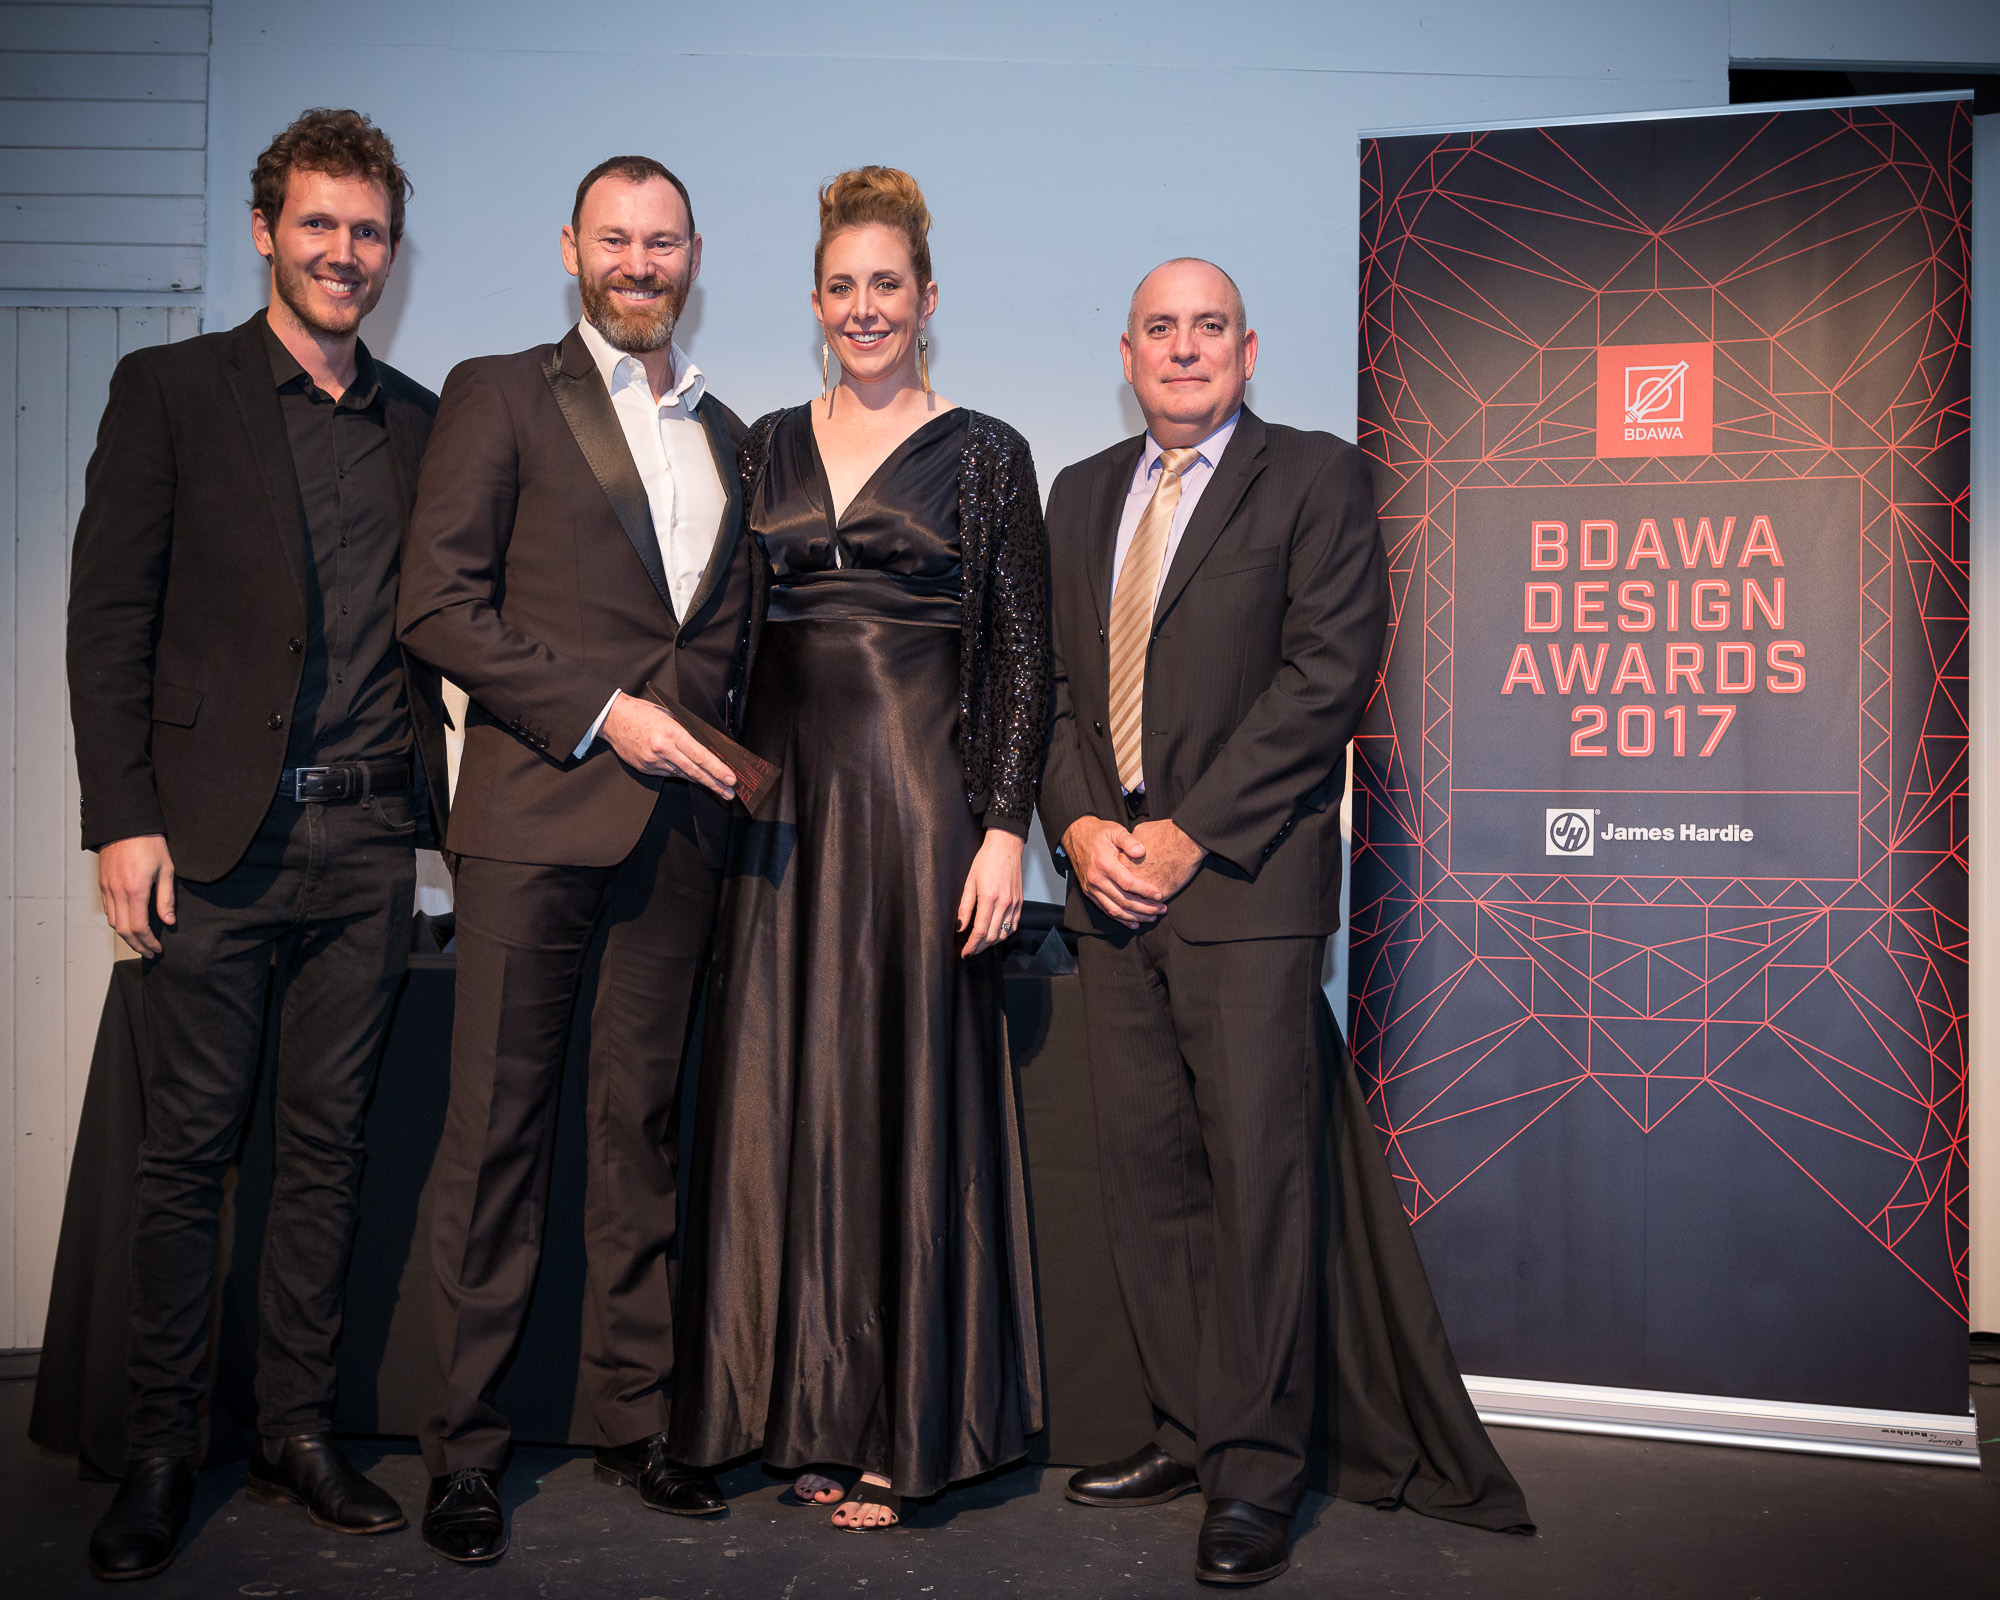 0135 BDA WA Awards 2017 _JHG7348.jpg